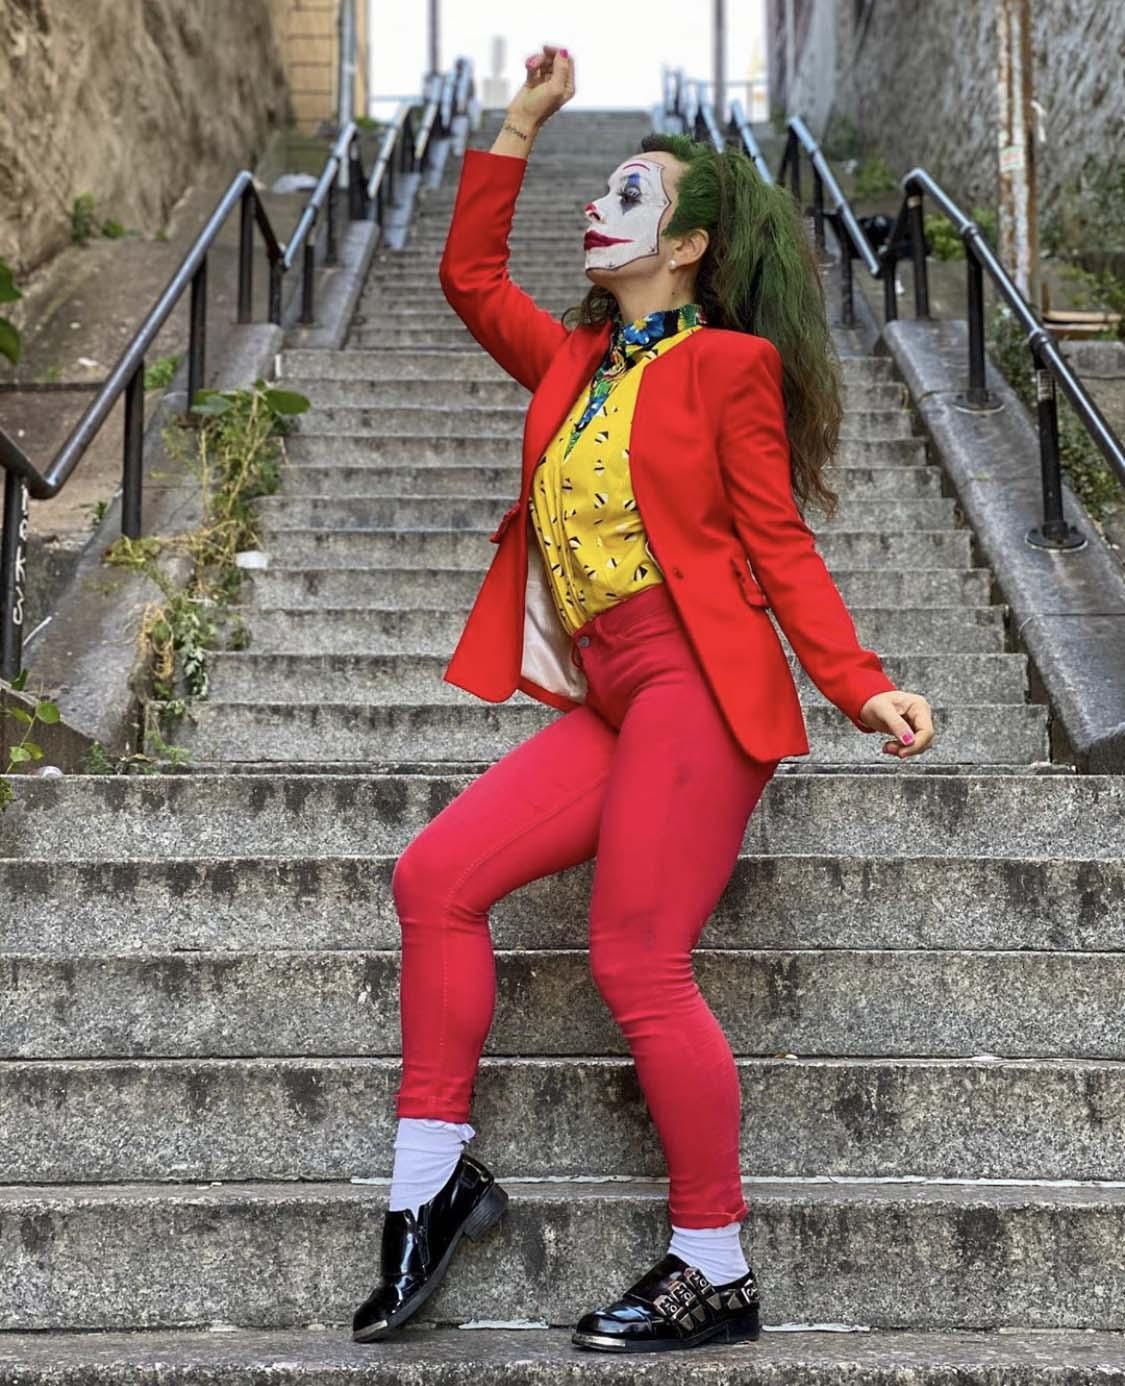 'Joker Stairs' 이라는 해쉬태그와 함께 SNS상에는 수많은 조커 패러디 이미지가 검색된다. [인스타그램]